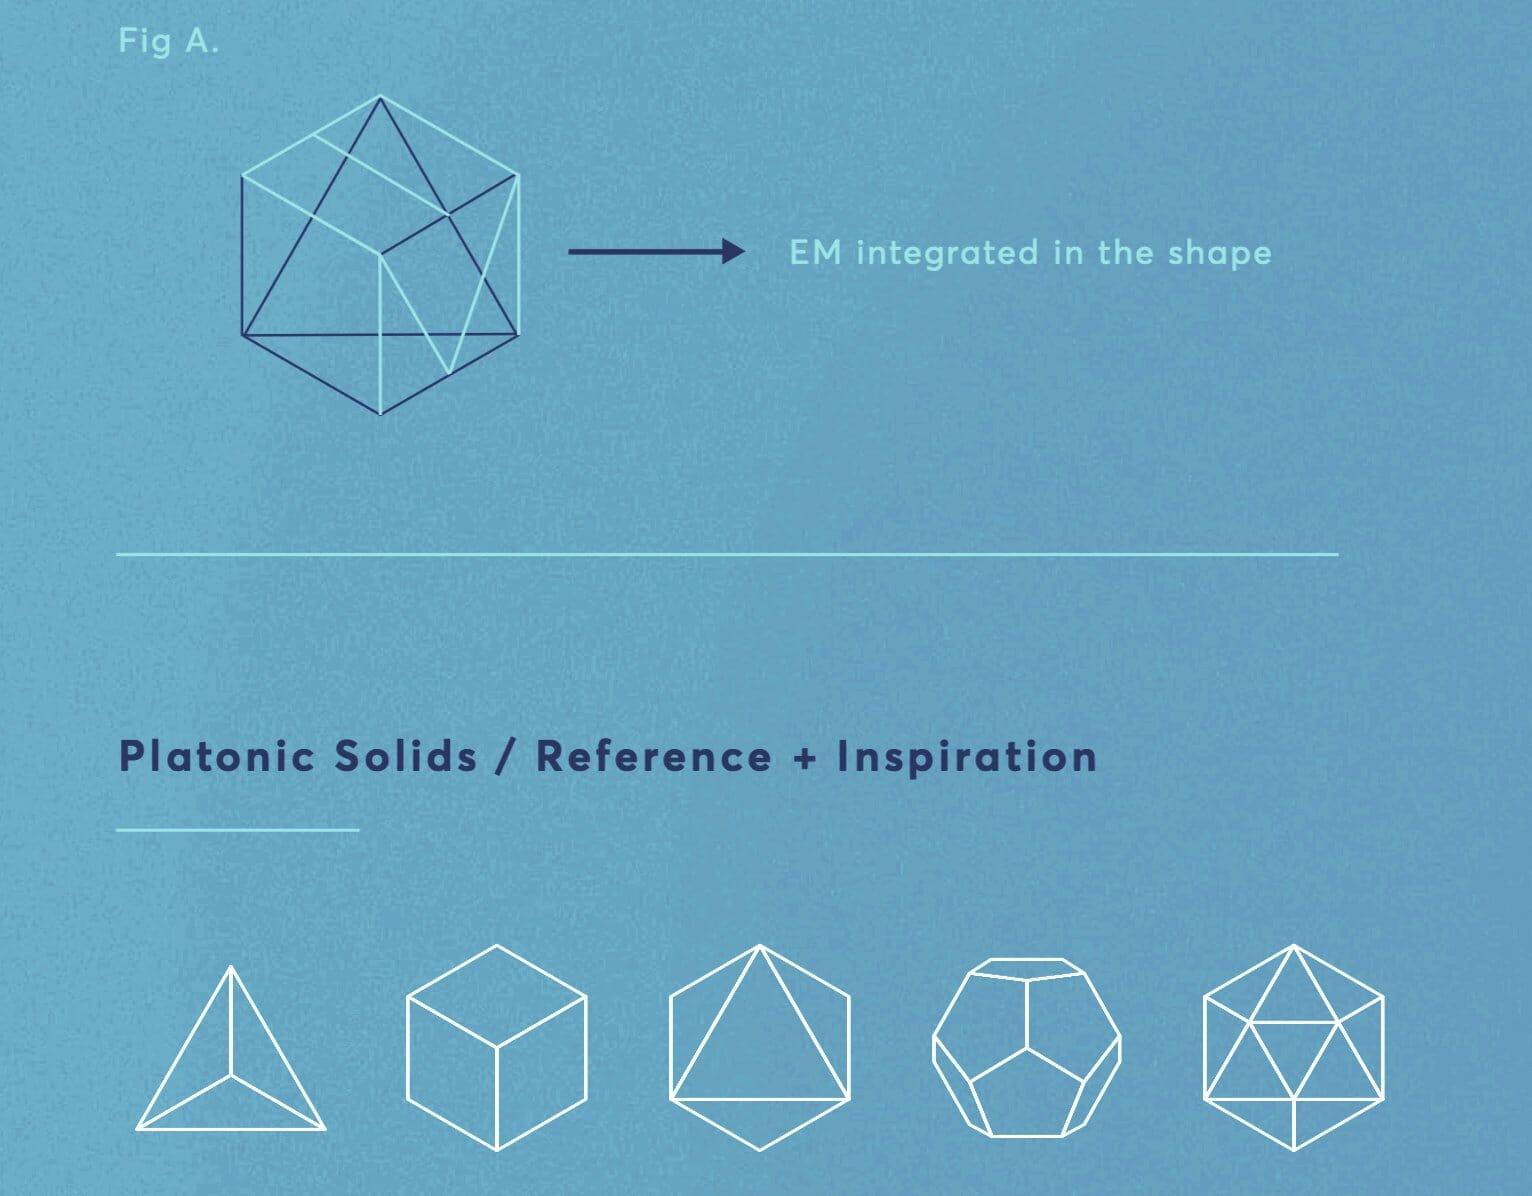 design process for em logo